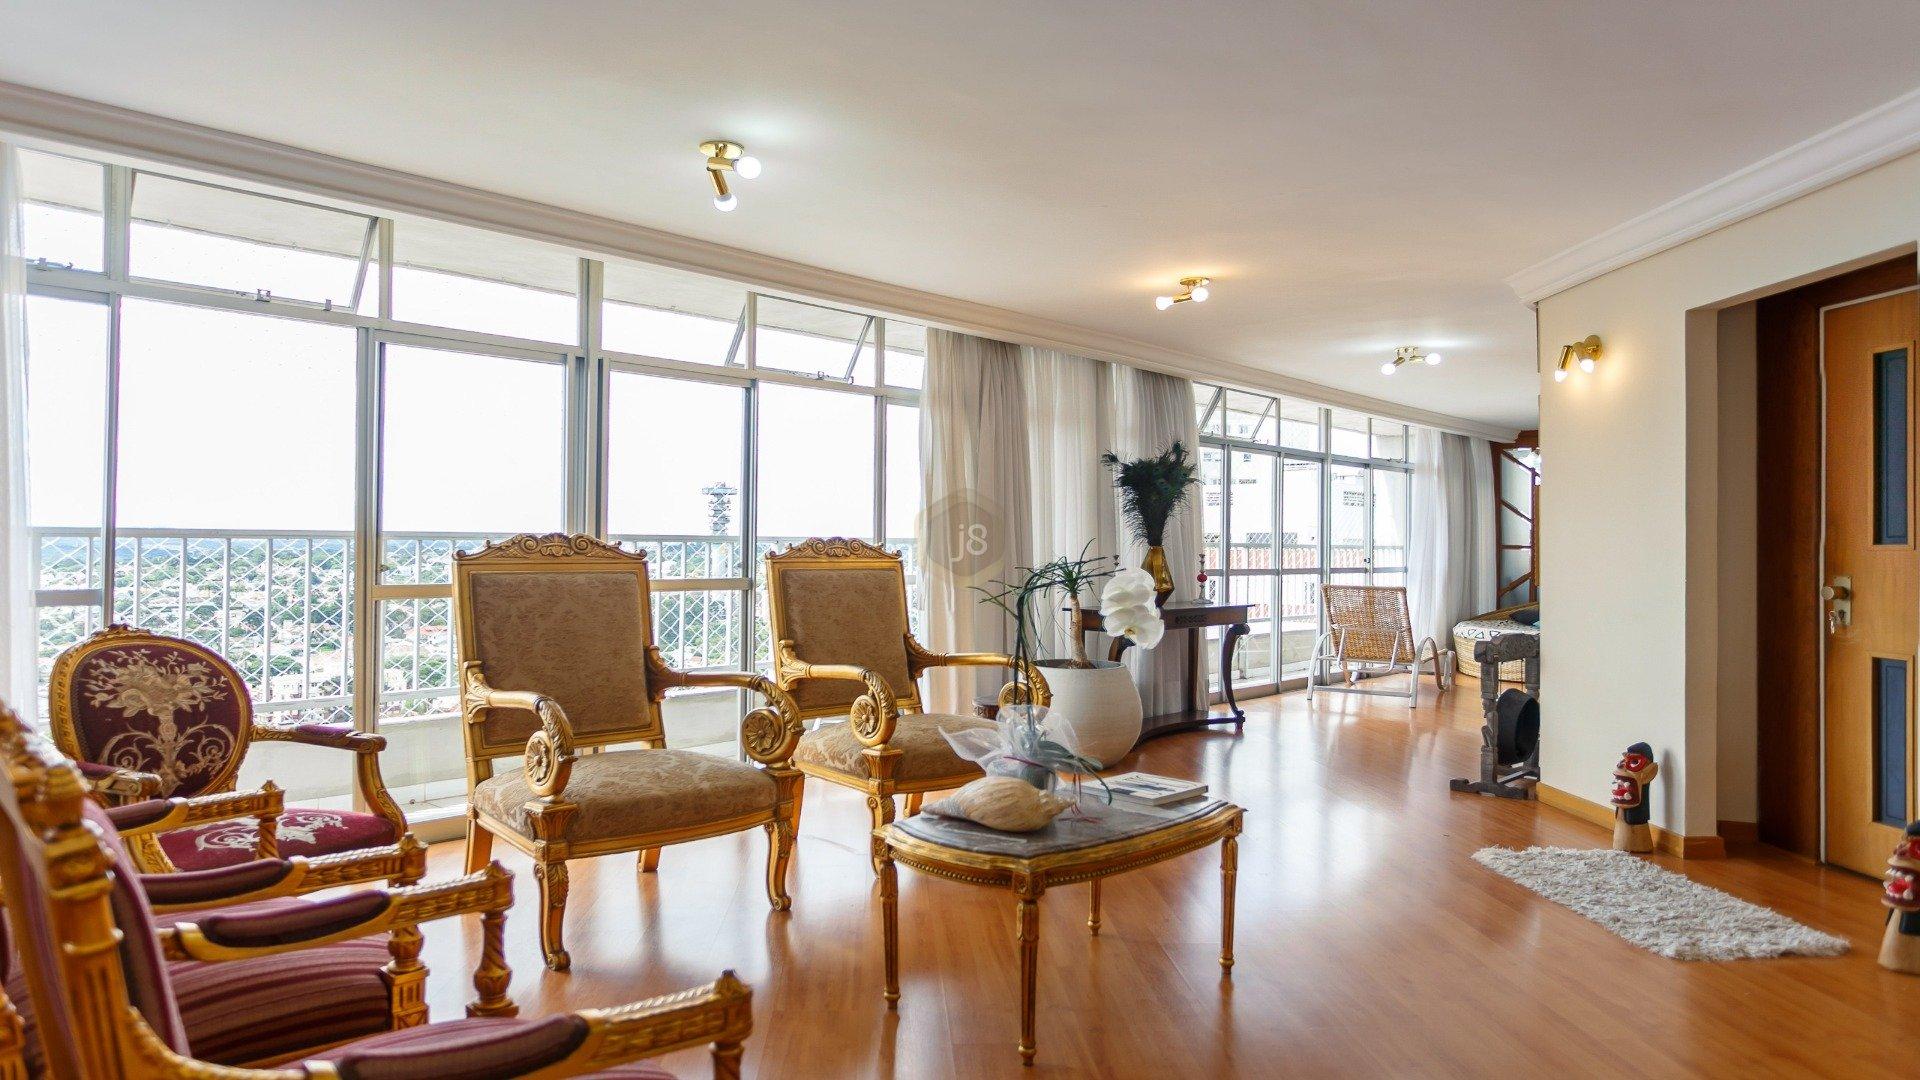 Foto de destaque Apartamento de andar inteiro e incrível vista!